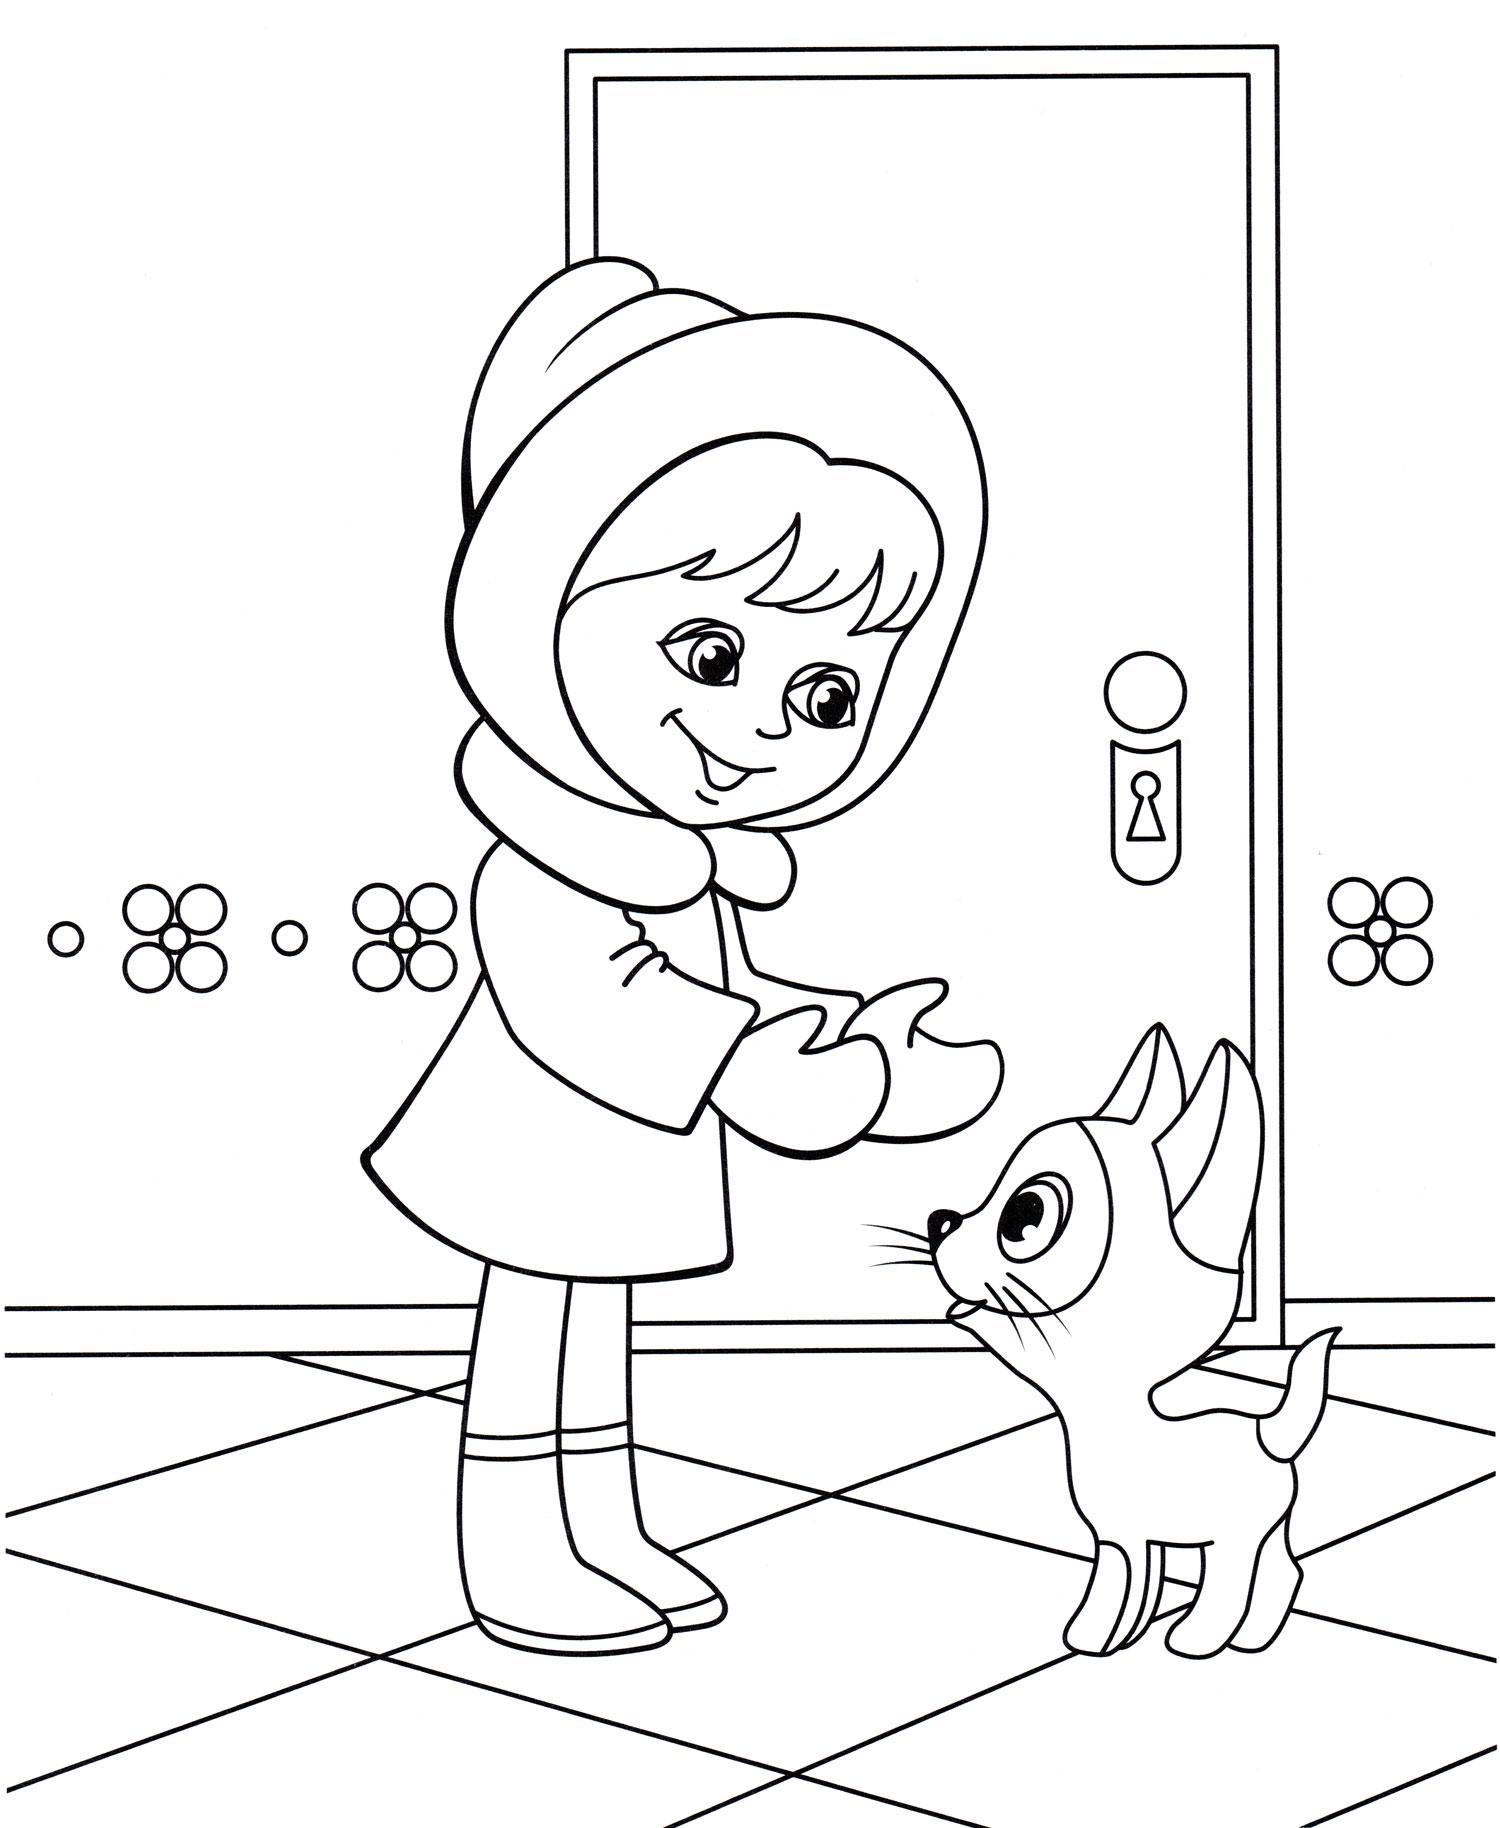 Раскраска Котенок Гав и девочка - распечатать бесплатно